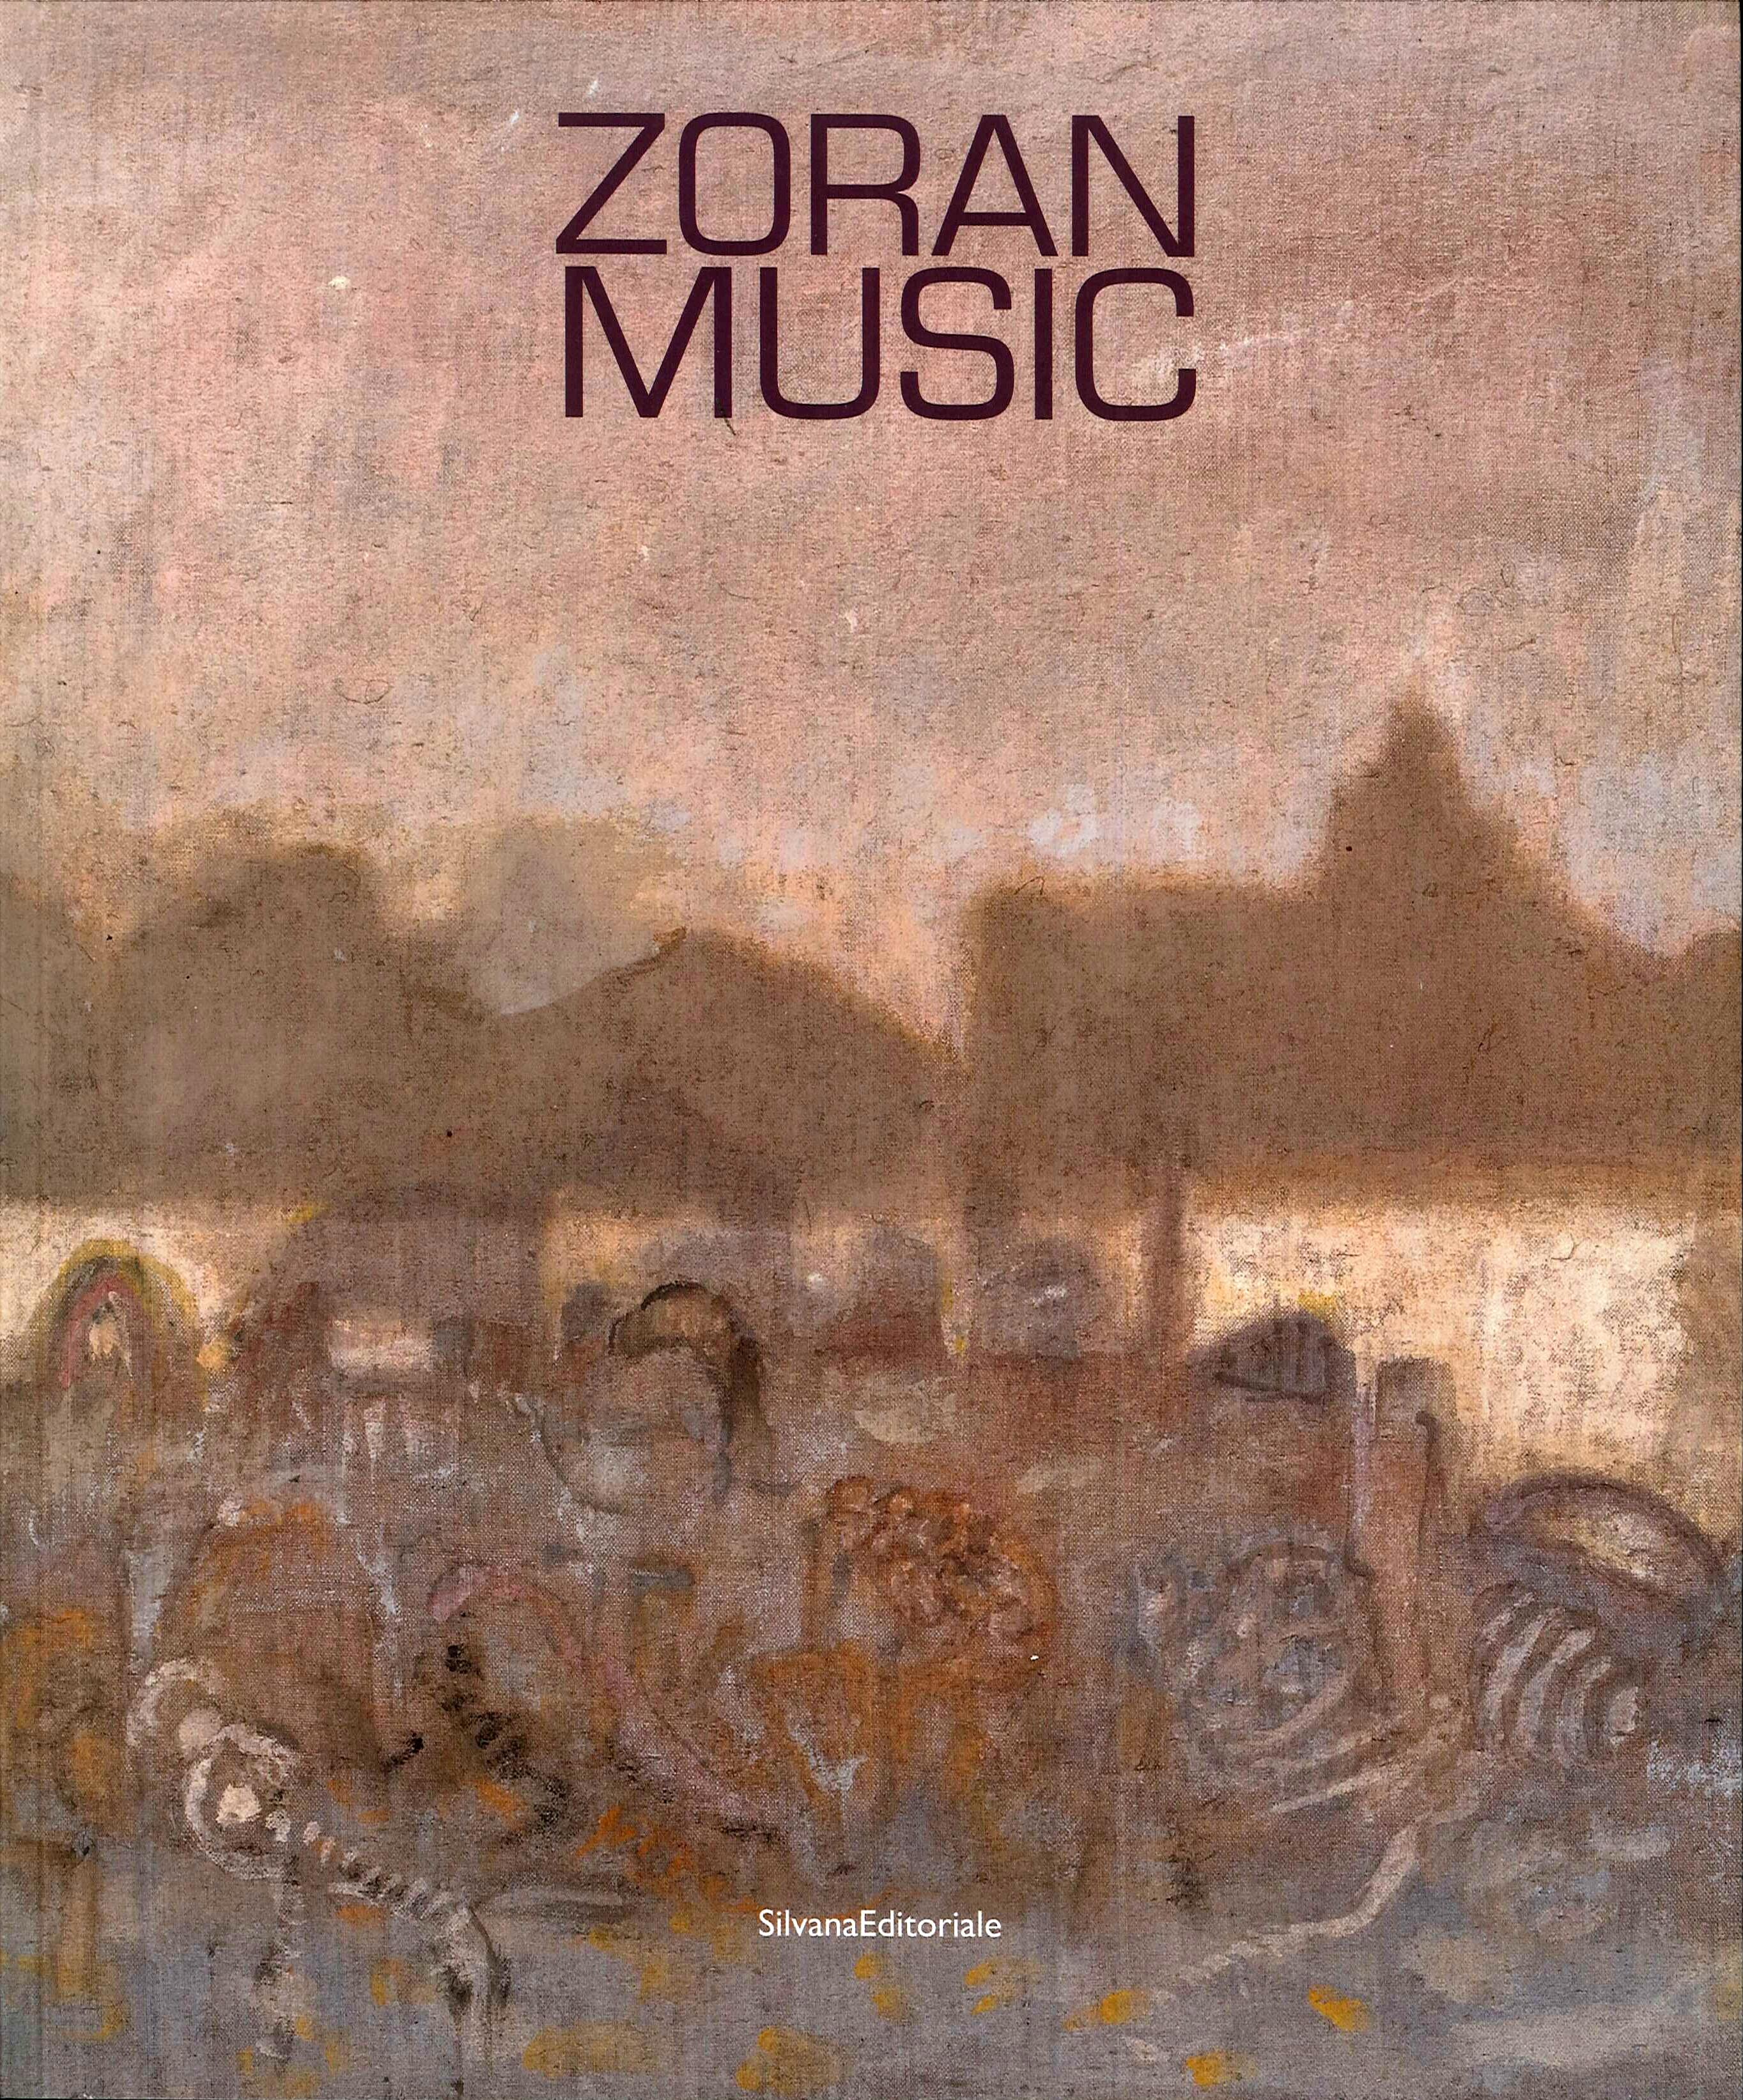 Zoran Music